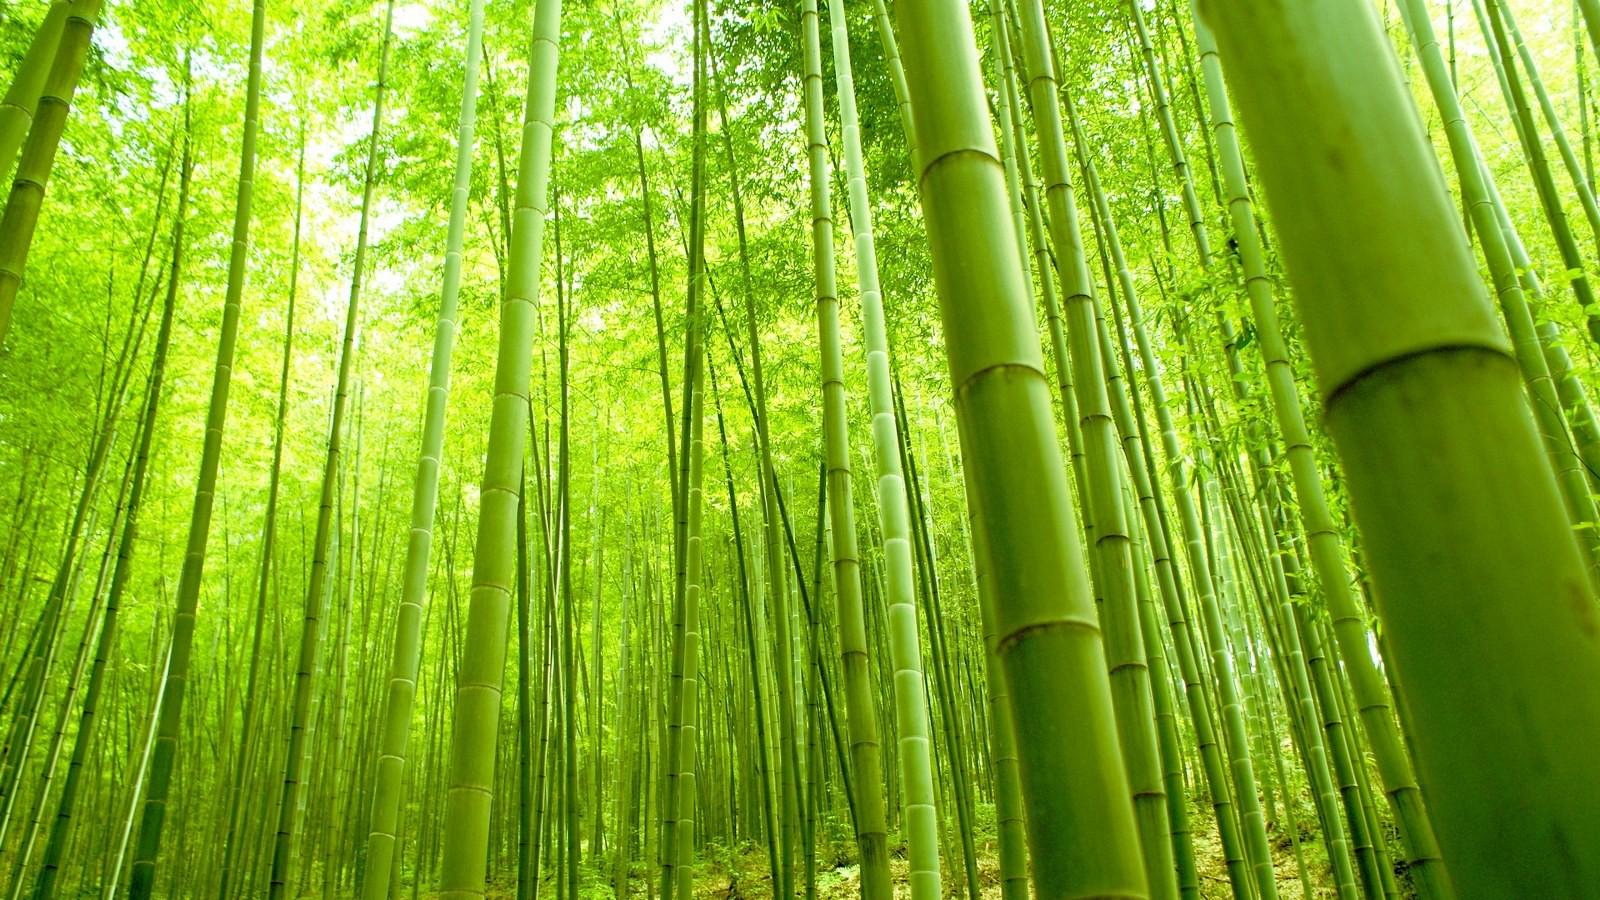 干货教学,教你野外如何利用草皮和竹子制作超酷的庇护